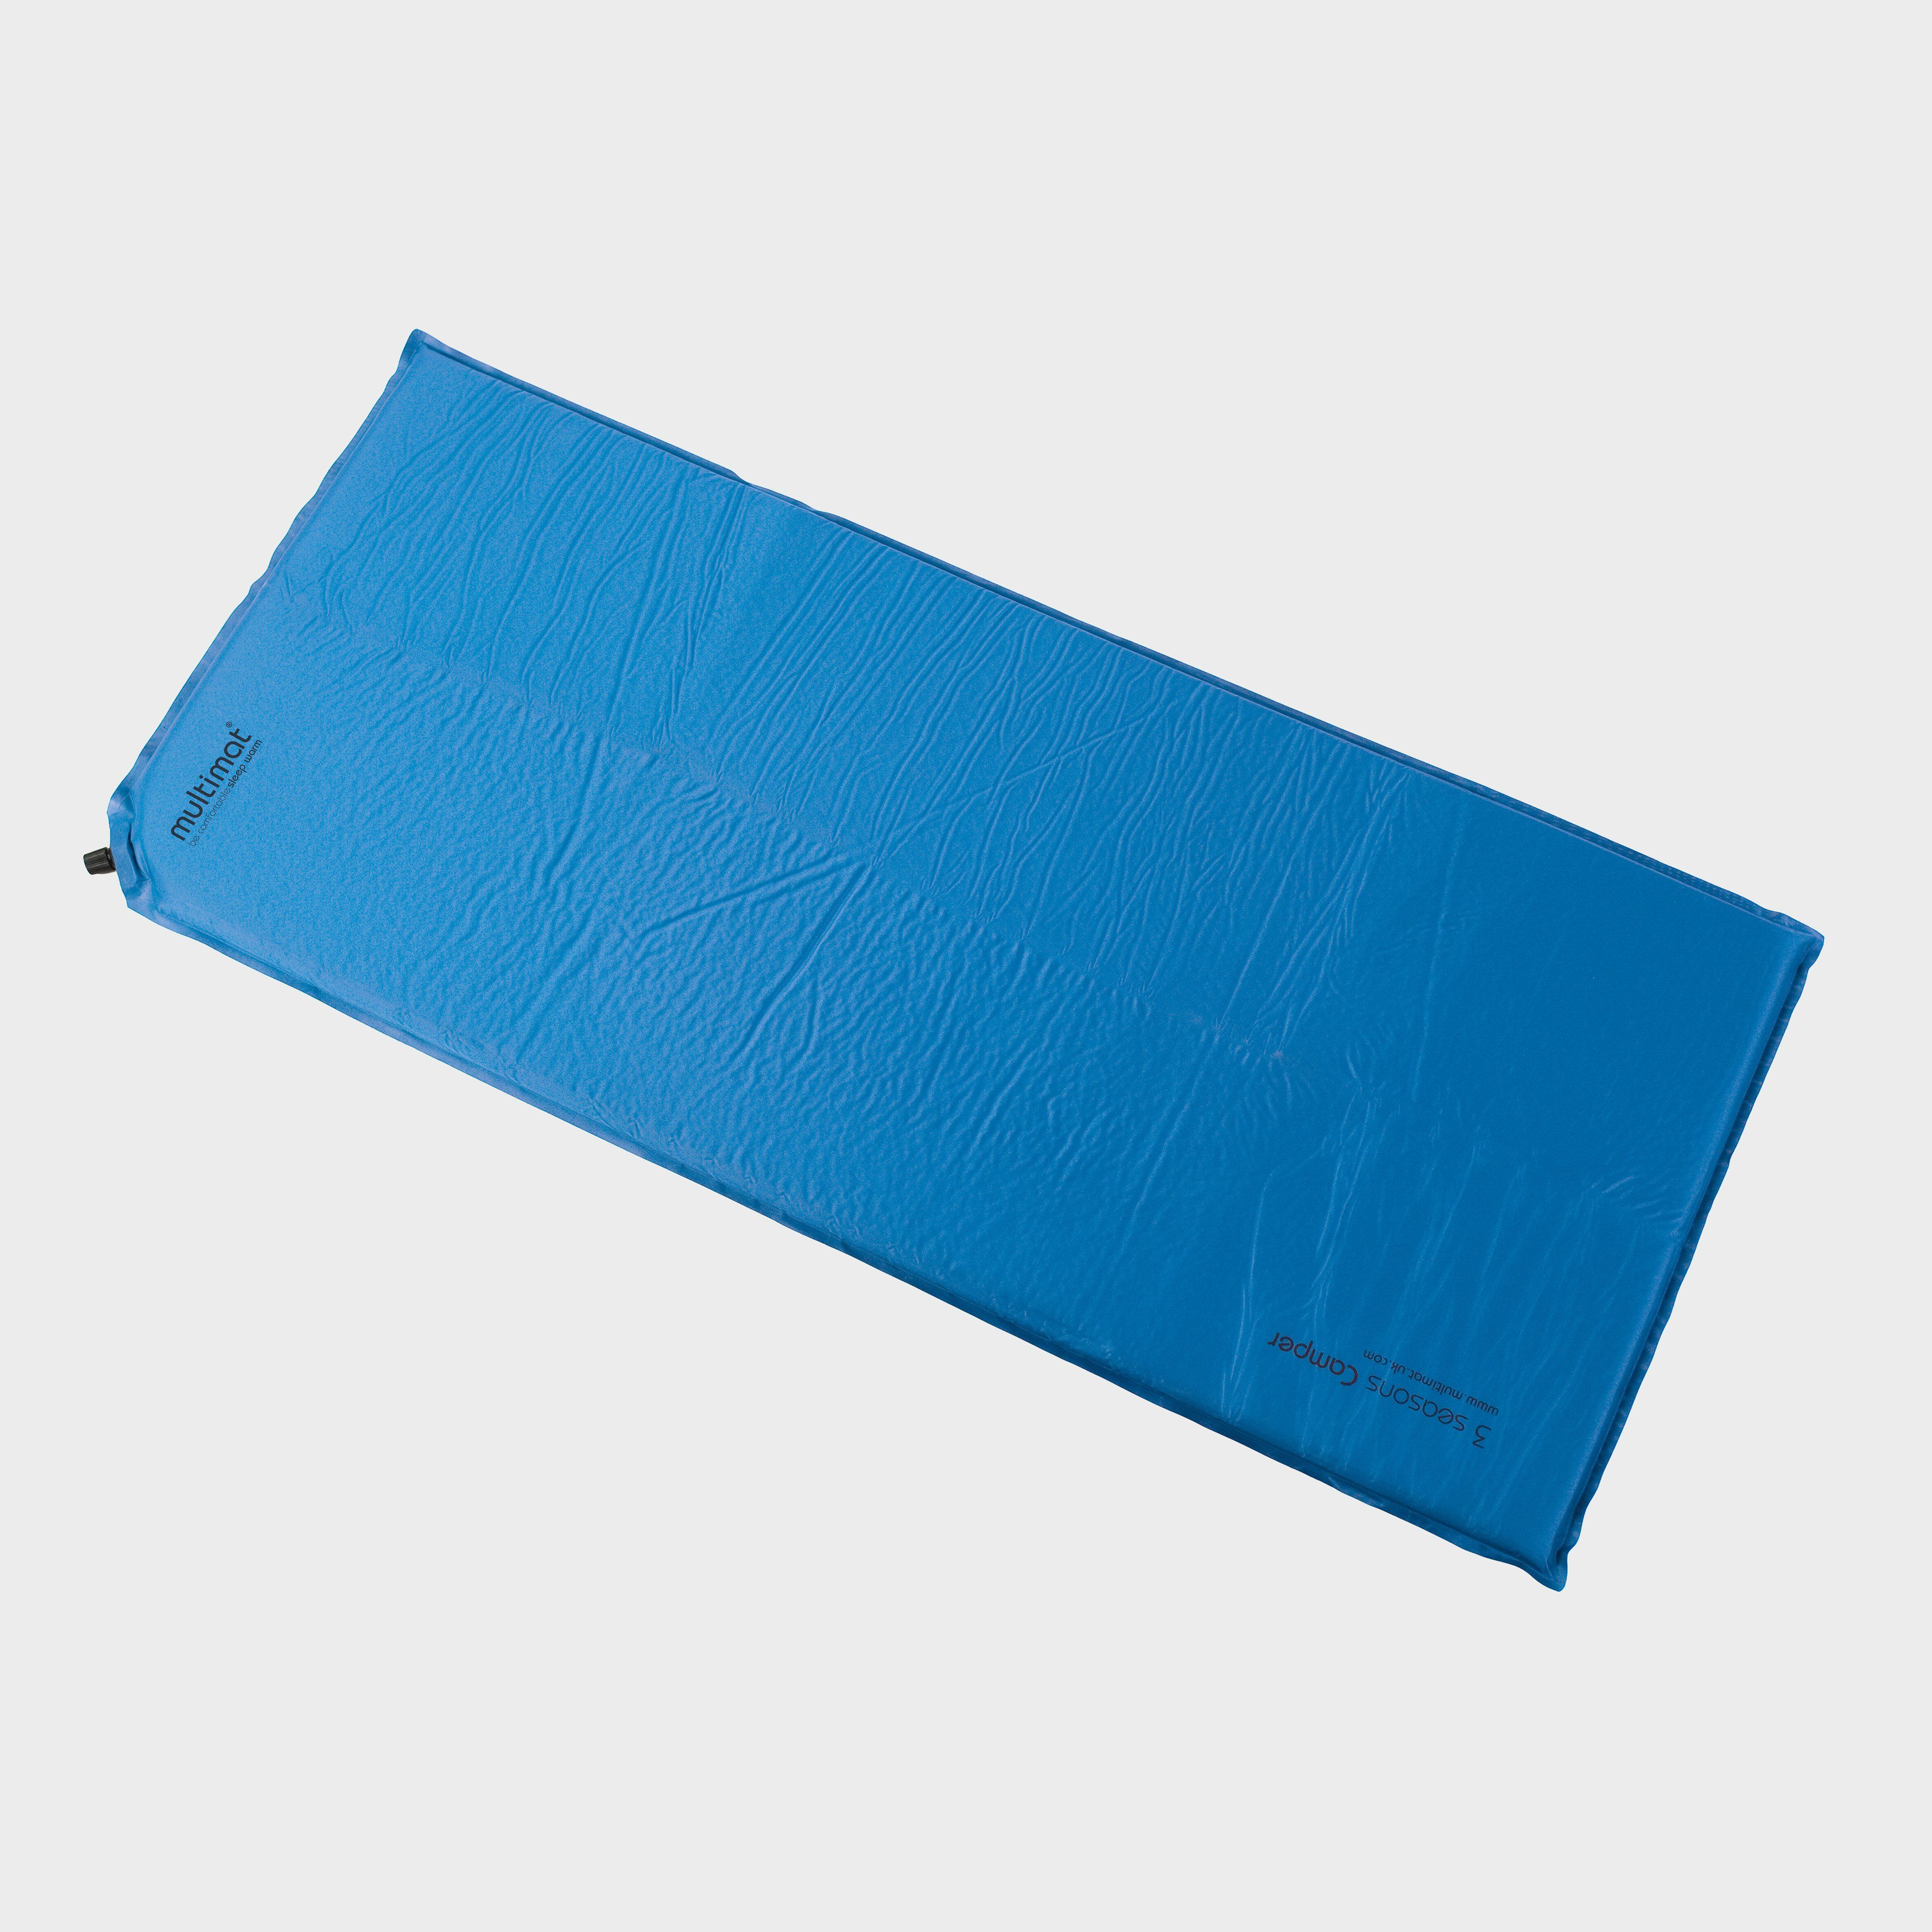 MULTIMAT Camper Compact 25 Self Inflating Mat